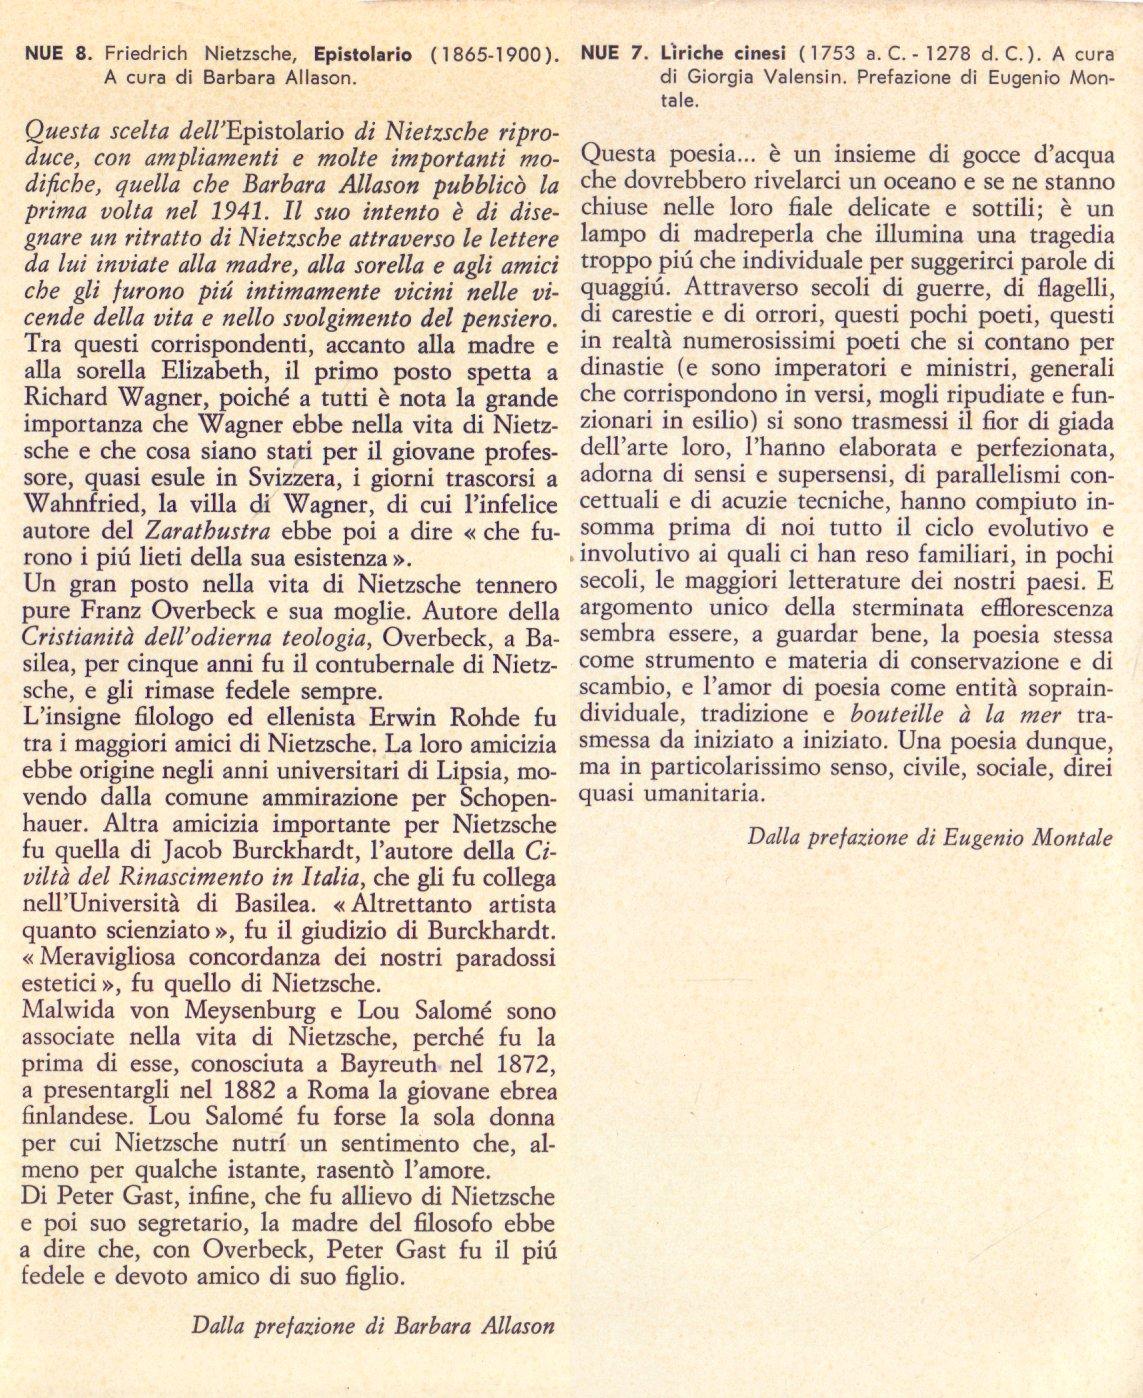 Epistolario 1865-1900.